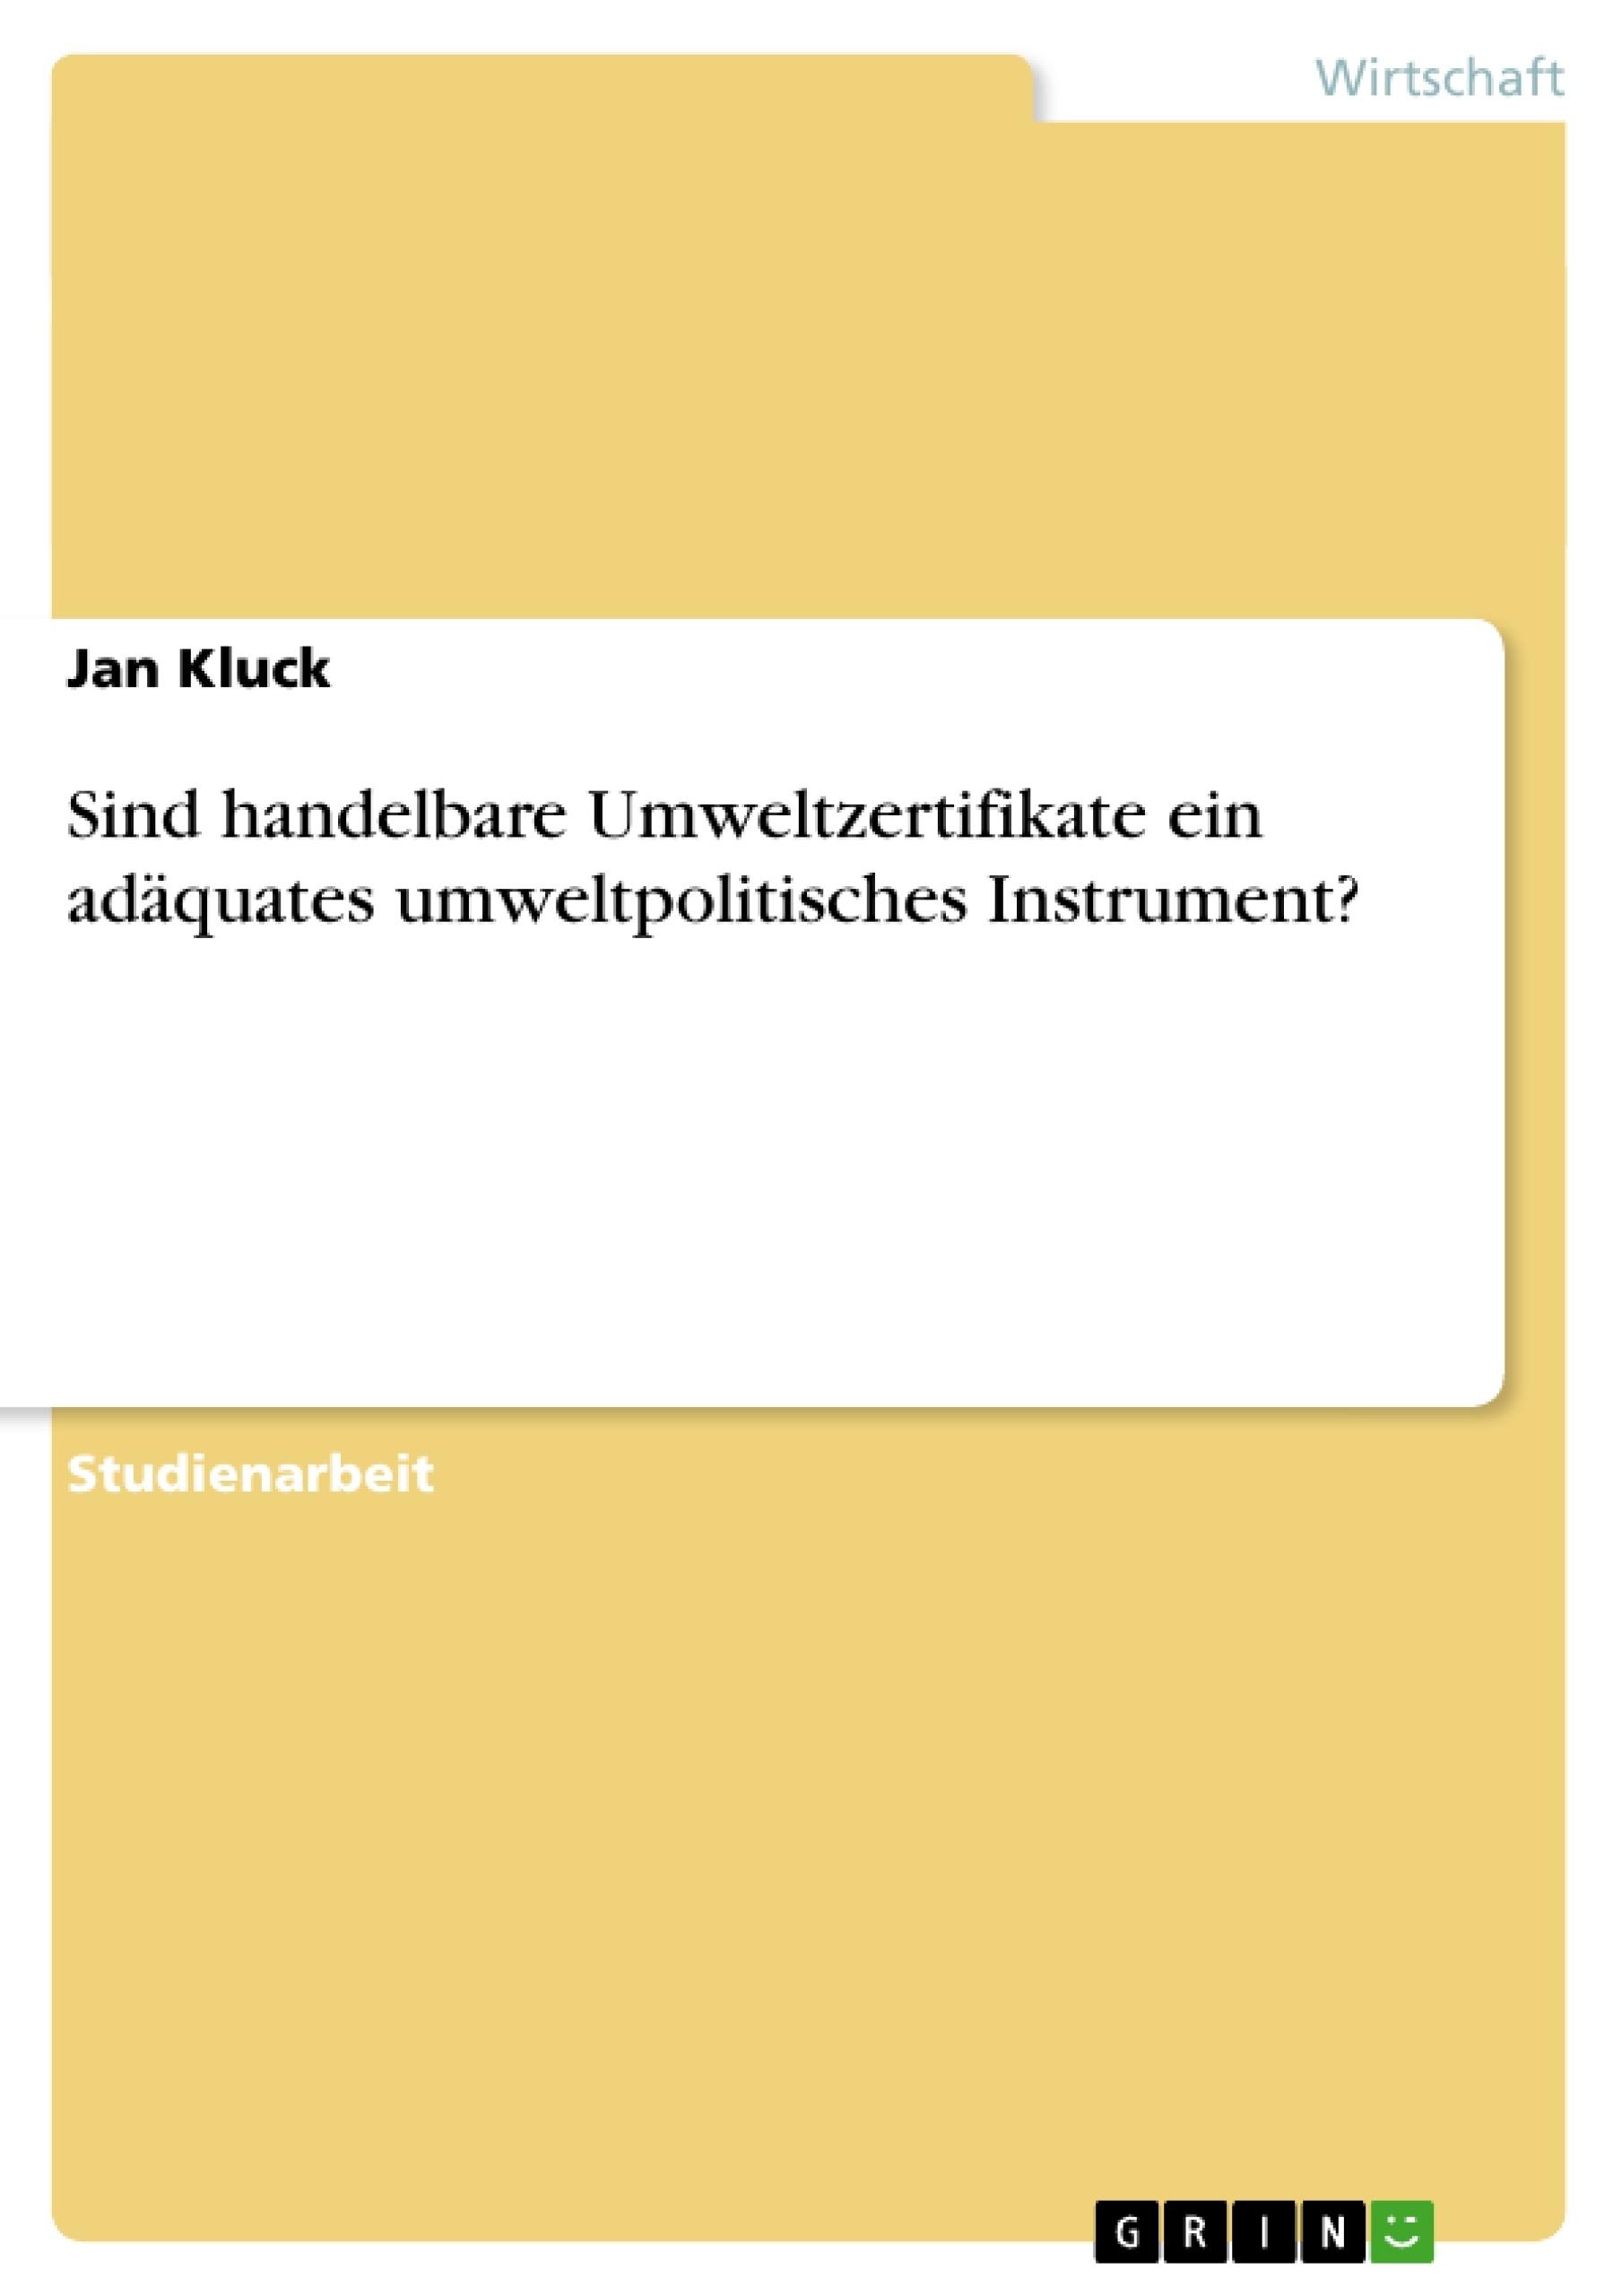 Titel: Sind handelbare Umweltzertifikate ein adäquates umweltpolitisches Instrument?